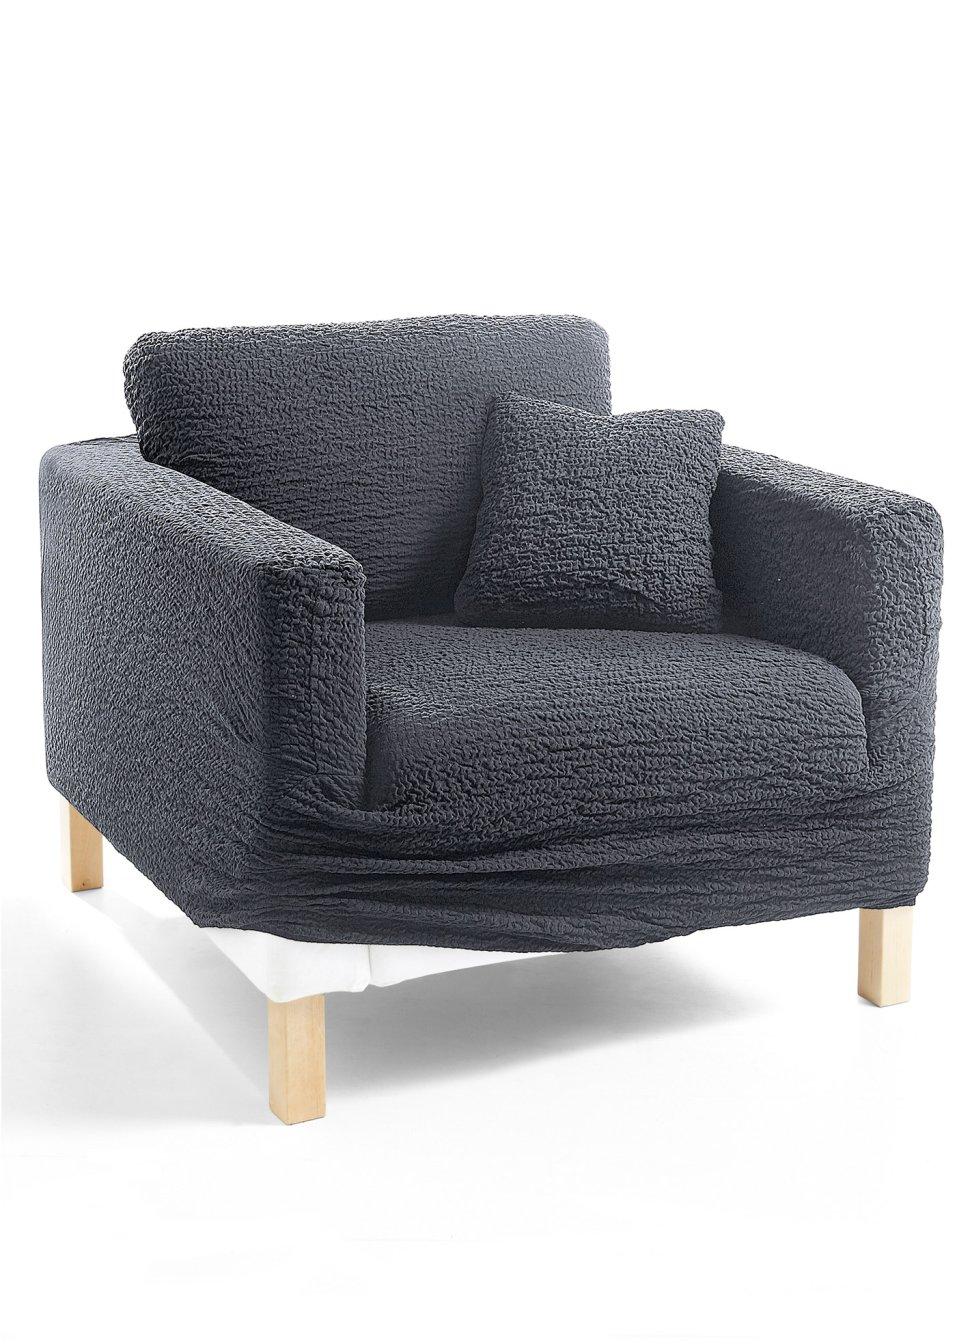 Full Size of Sofa Husse Modernes Design Fr Sitzmbel Anthrazit Englisches Ebay Relaxfunktion Rattan Garten Sitzsack Freistil Big Günstig Xxl 3 Sitzer Halbrund 2er Bora Sofa Sofa Husse